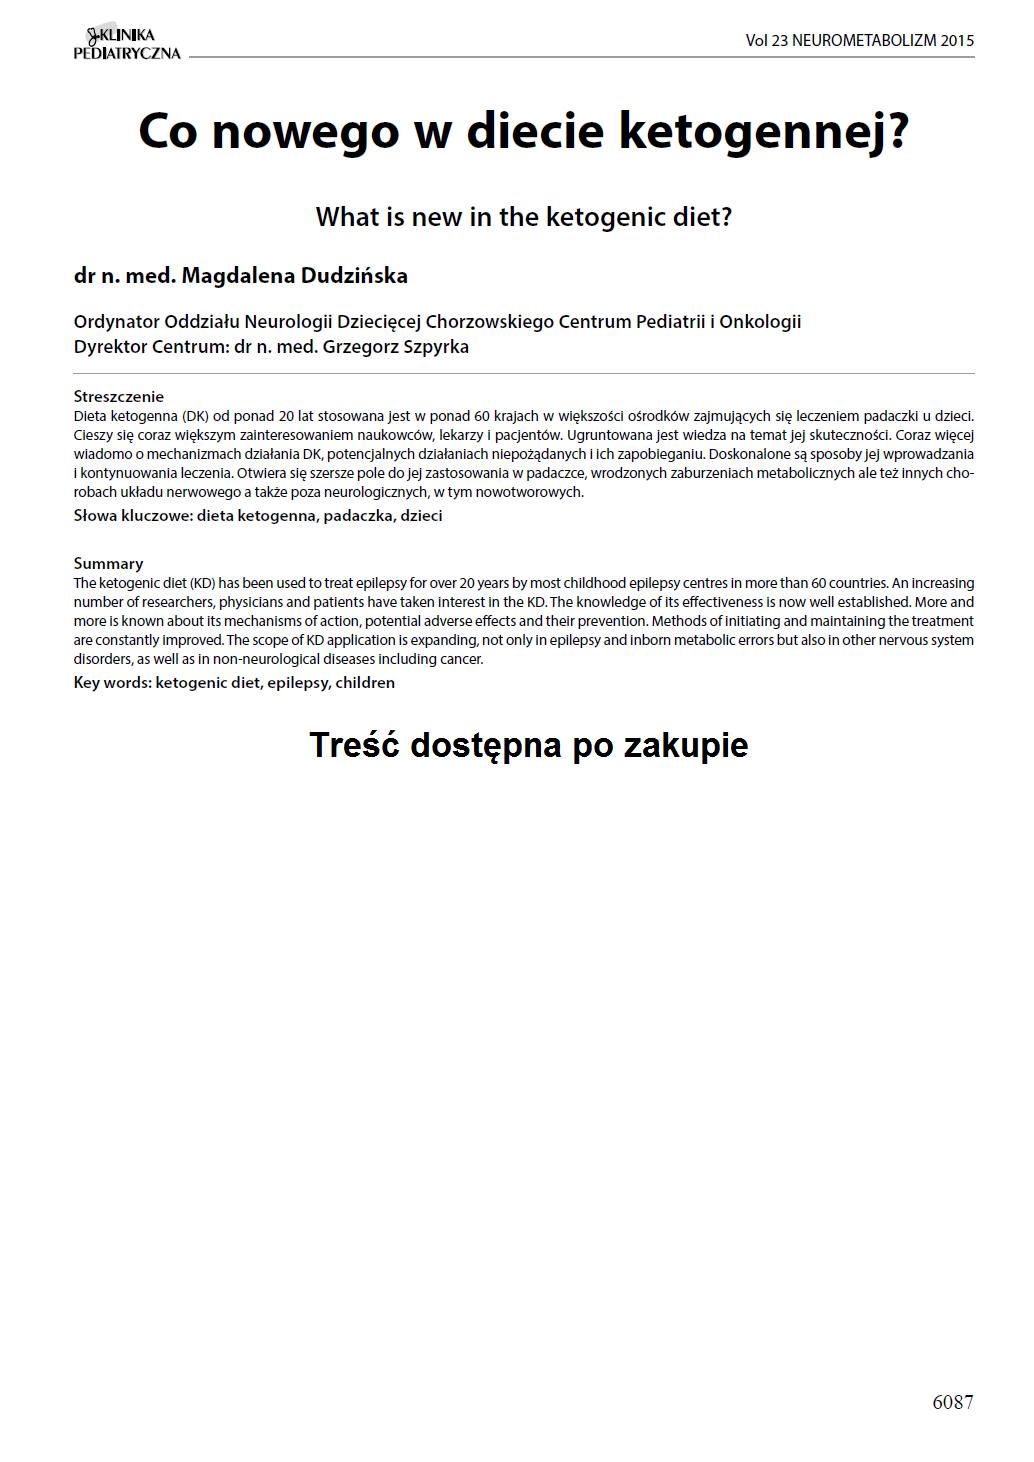 KP 2015-Neurometabolizm: Co nowego w diecie ketogennej?